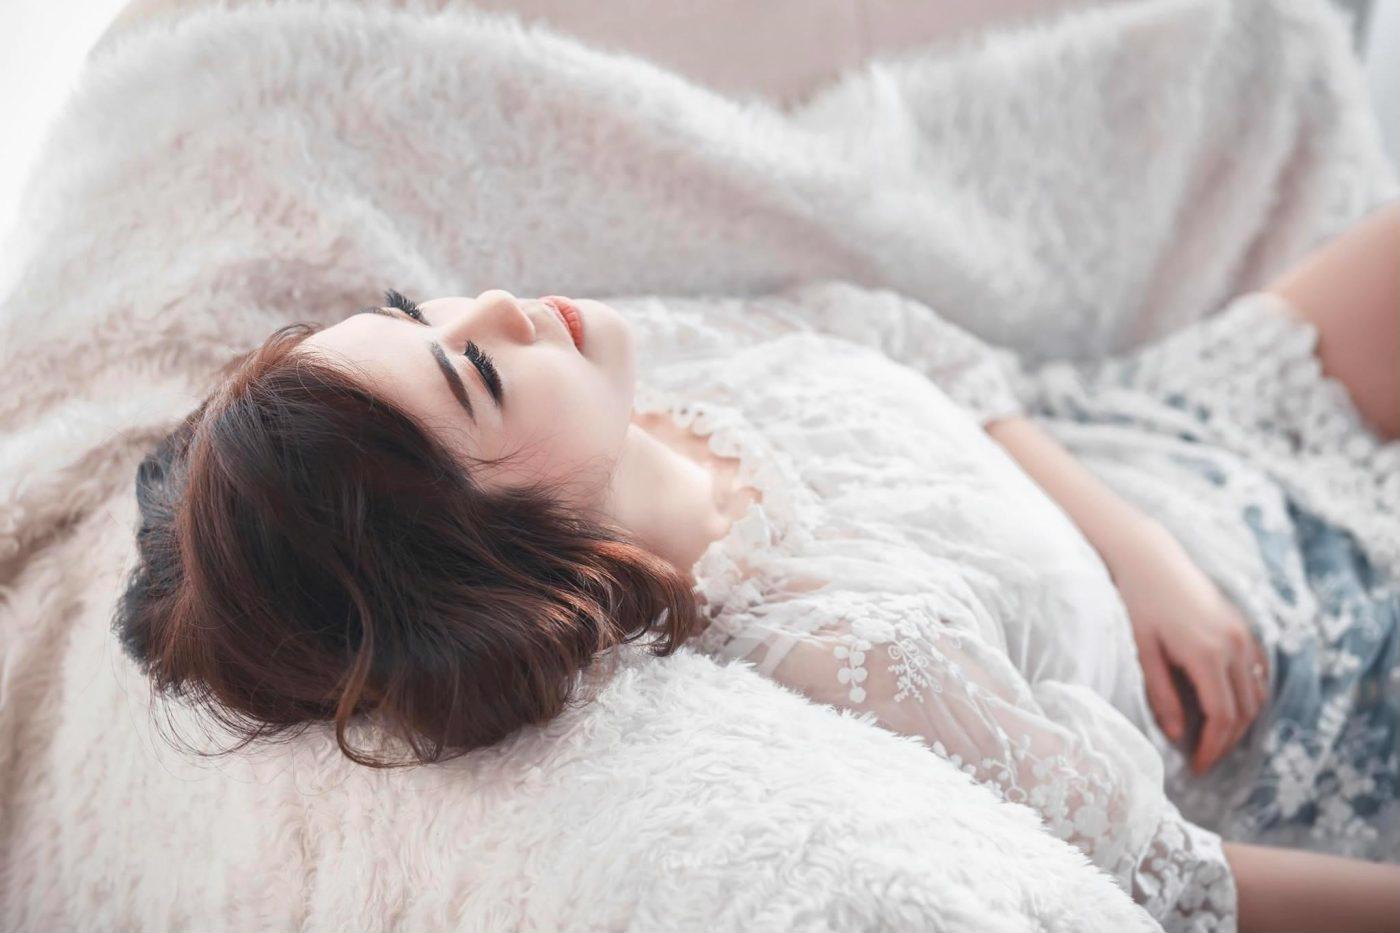 Tâm sự của người phụ nữ 'cắn răng' nằm bên chồng mỗi khi đêm xuống - Ảnh 3